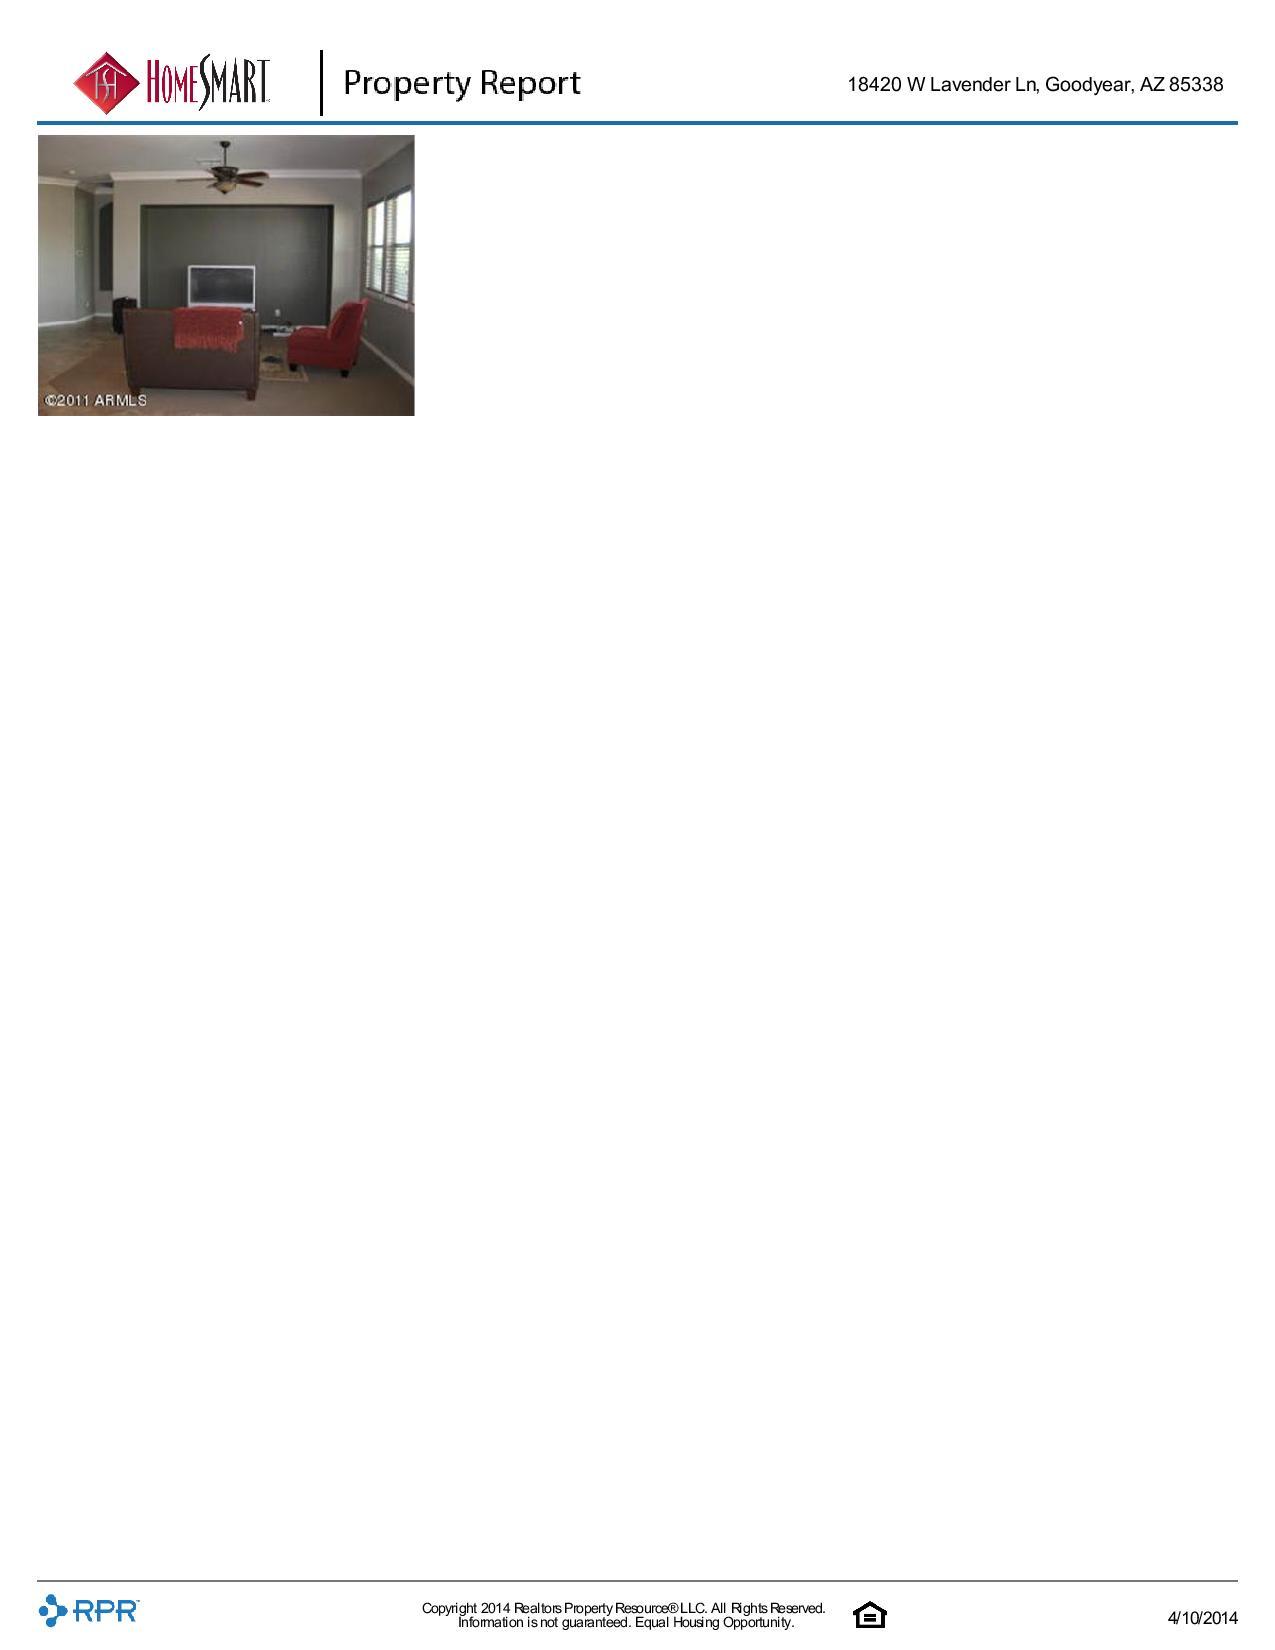 18420-W-Lavender-Ln-Goodyear-AZ-85338-page-006